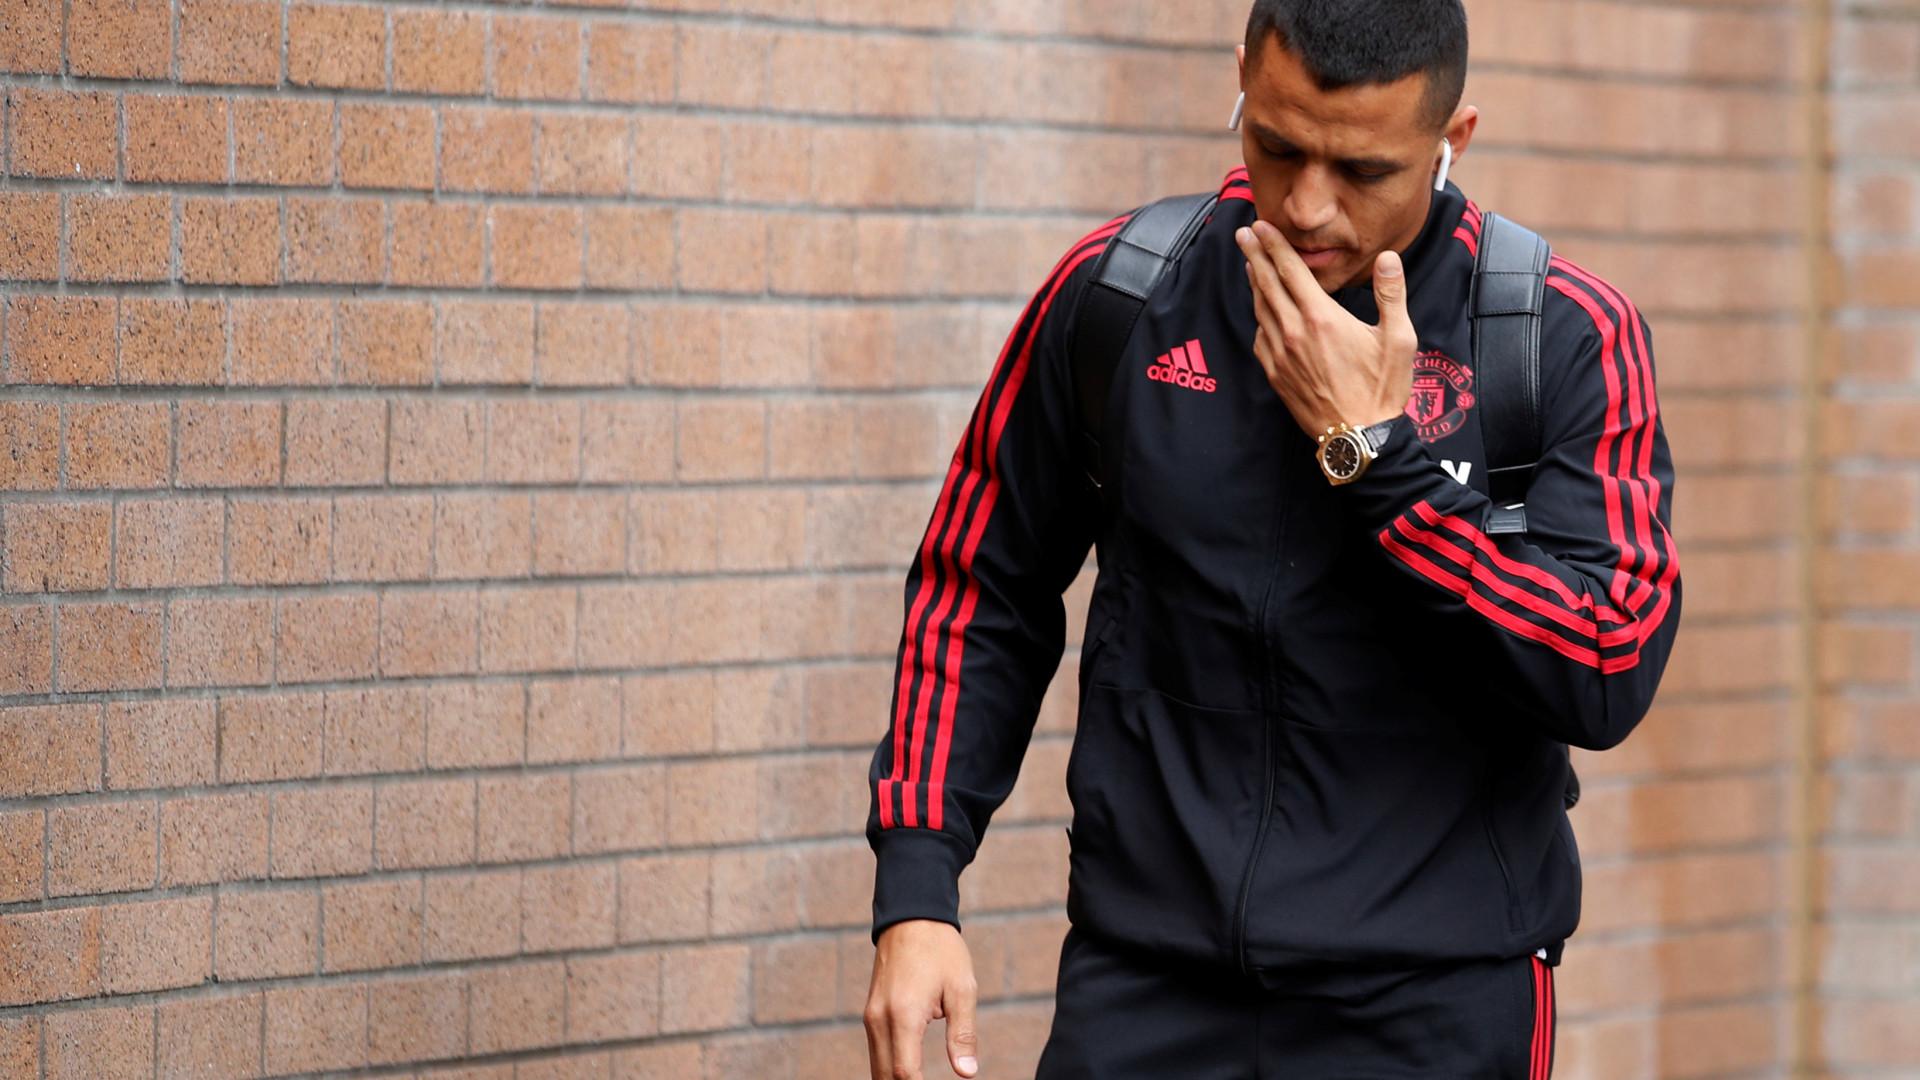 Real Madrid 'desespera' por avançado e Alexis Sánchez 'oferece-se'